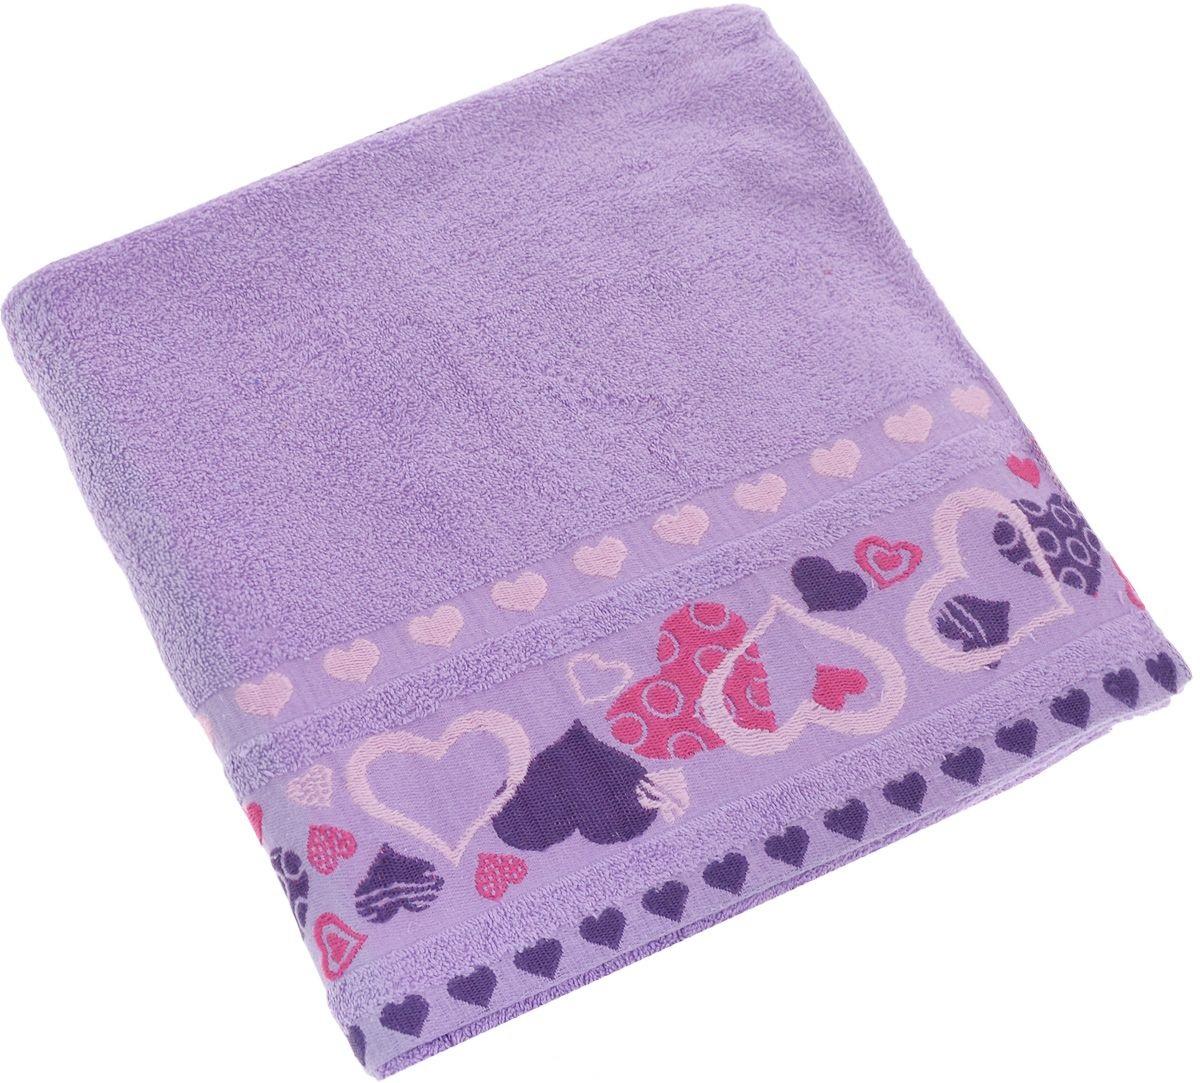 Полотенца Soavita Полотенце Сердце Цвет: Лиловый (70х140 см) полотенца soavita полотенце селсо цвет лиловый 70х140 см